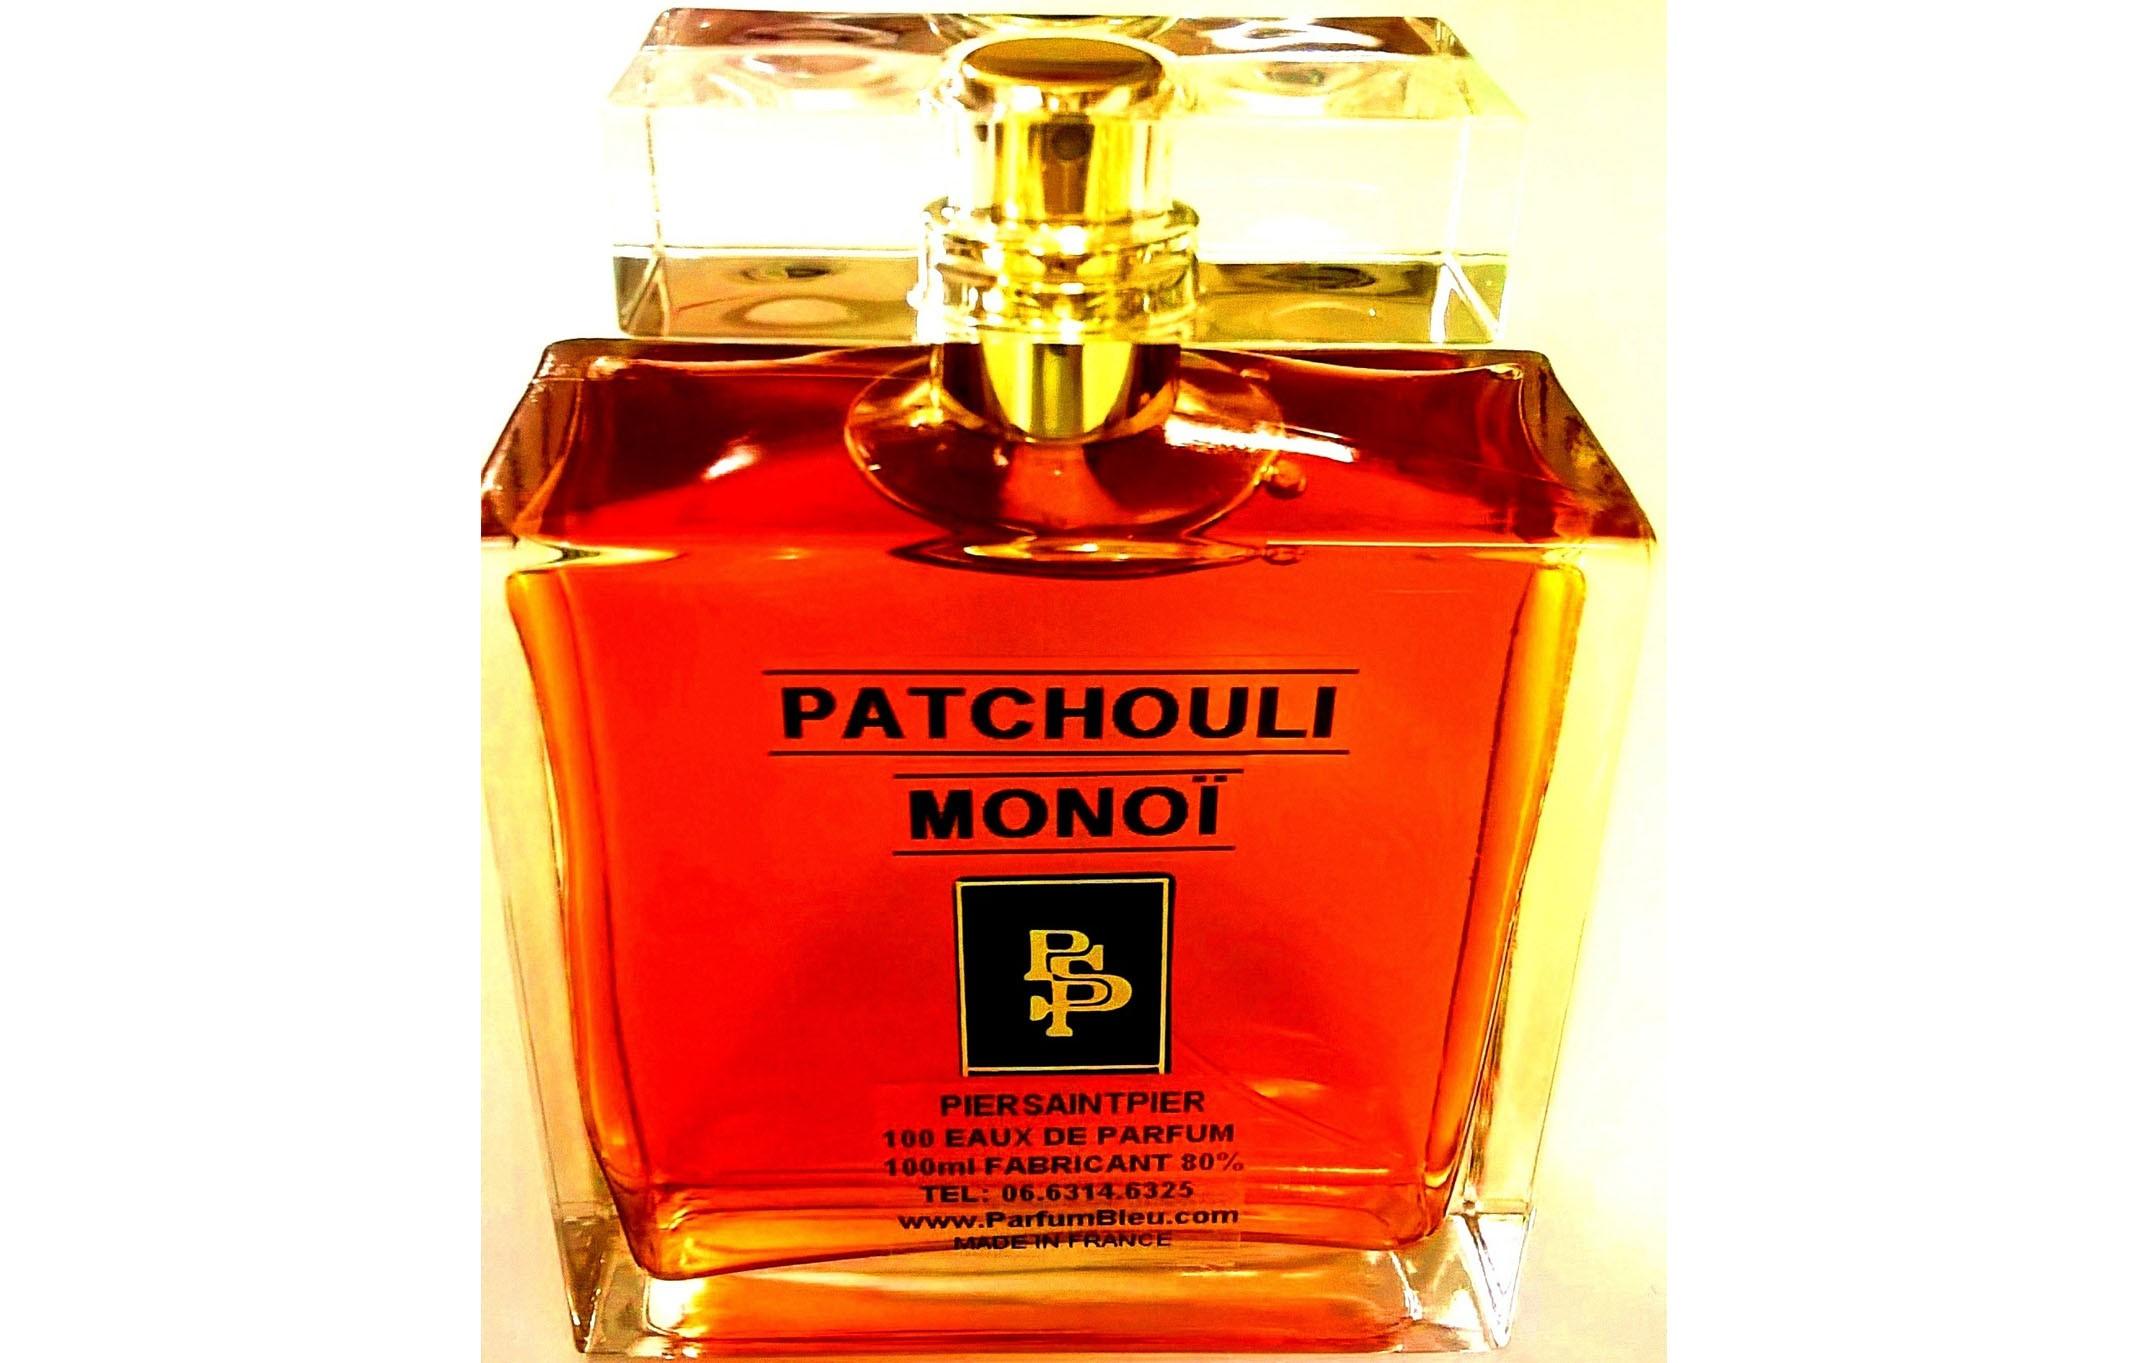 PATCHOULI MONOÏ (Flacon Luxe / Sans Boite)